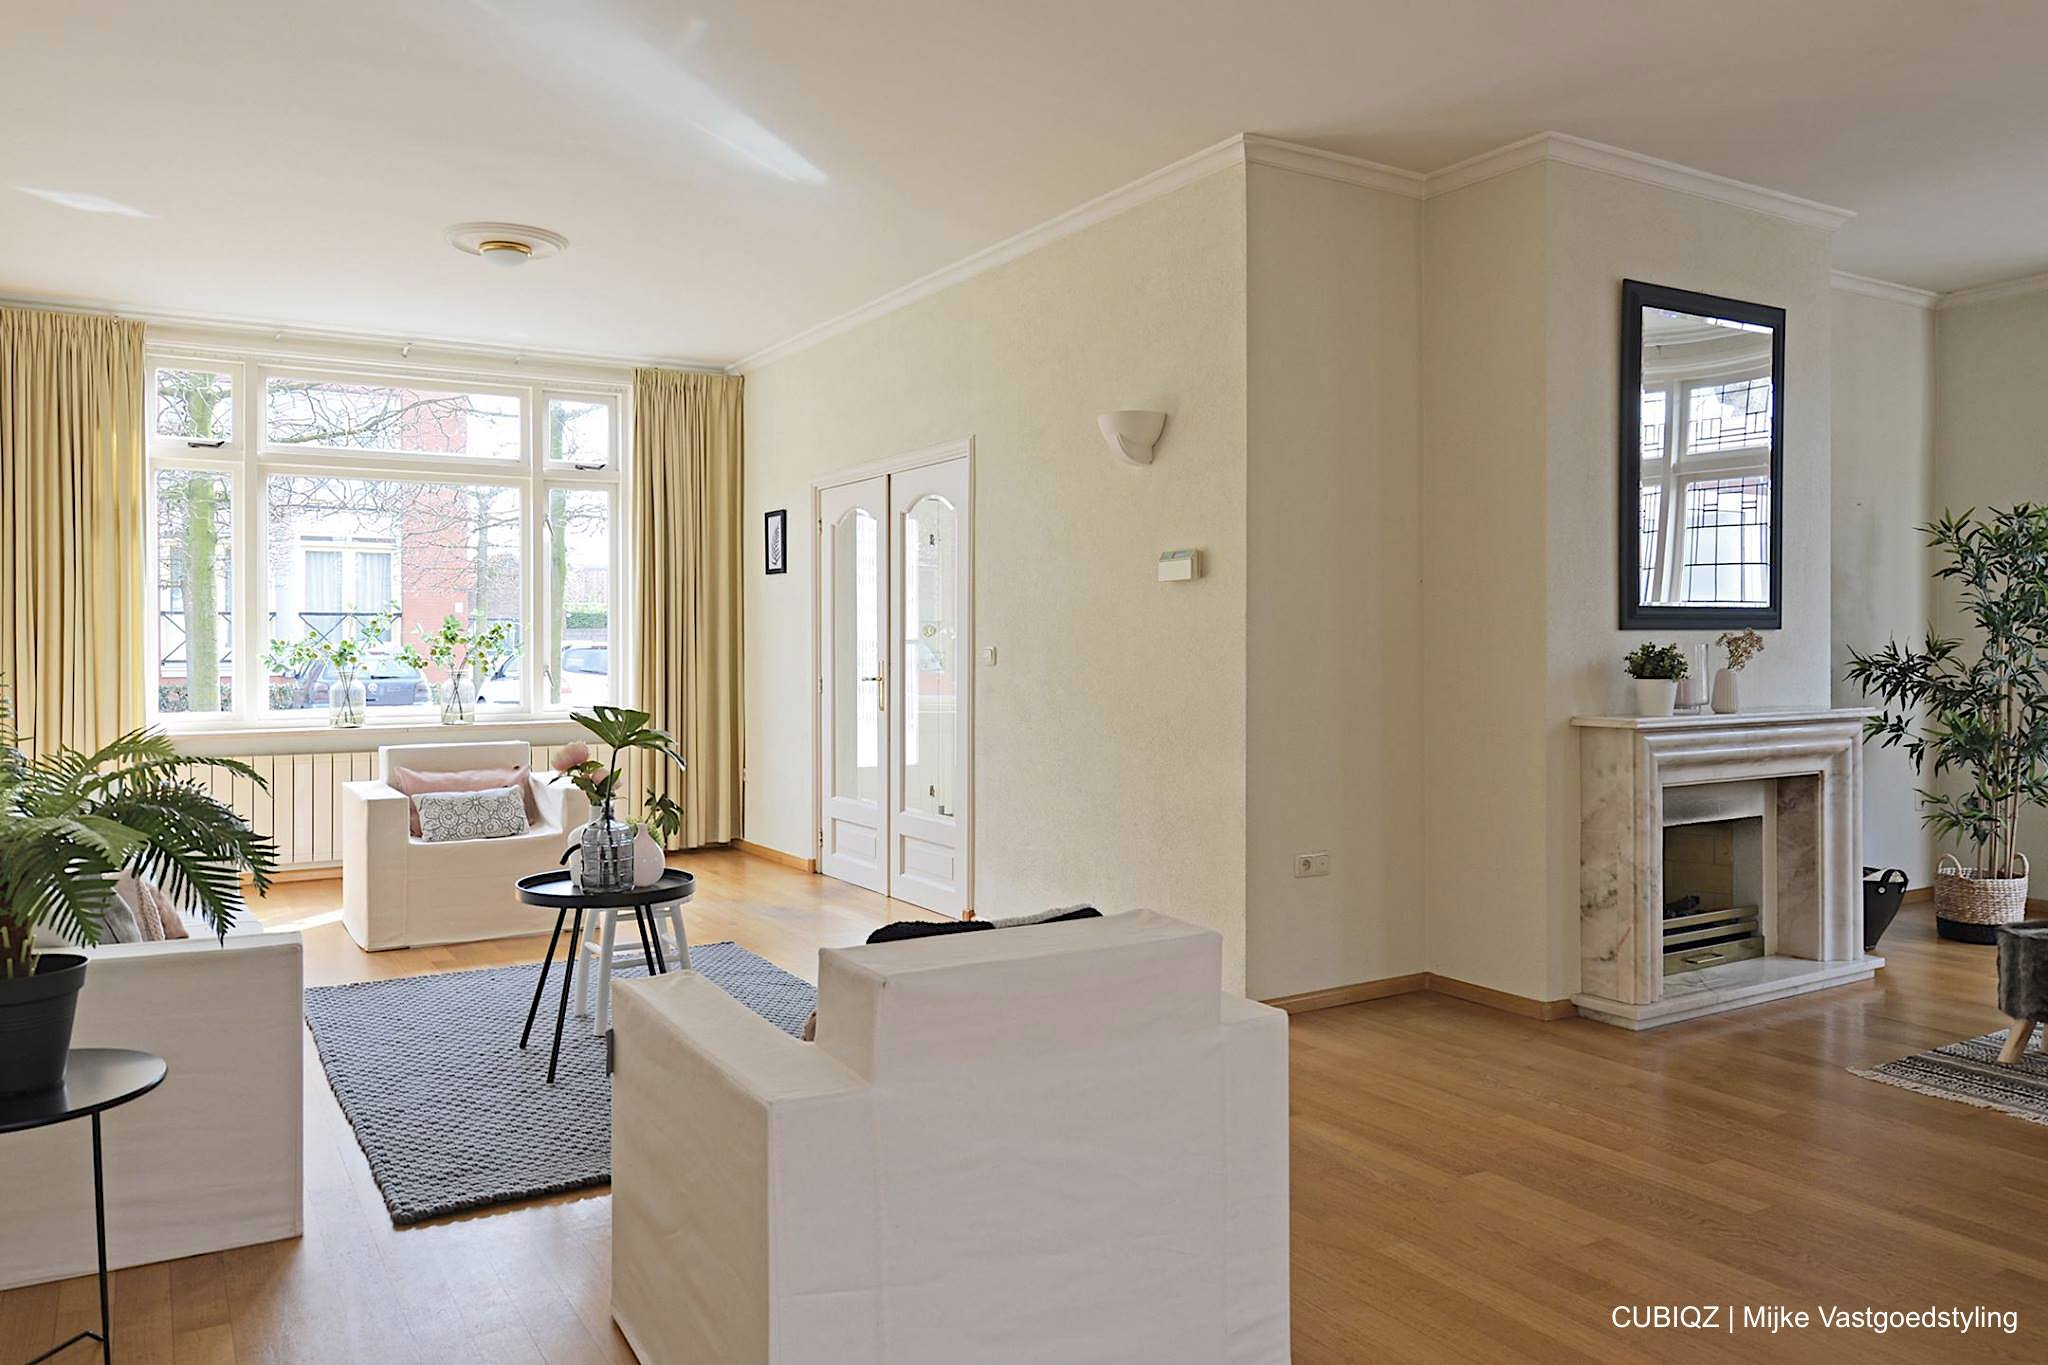 8. Home Staging mit CUBIQZ Pappmöbel; Das Wohnzimmer wurde von dunkel zu hell transformiert mit CUBIQZ Bezüge in Off White